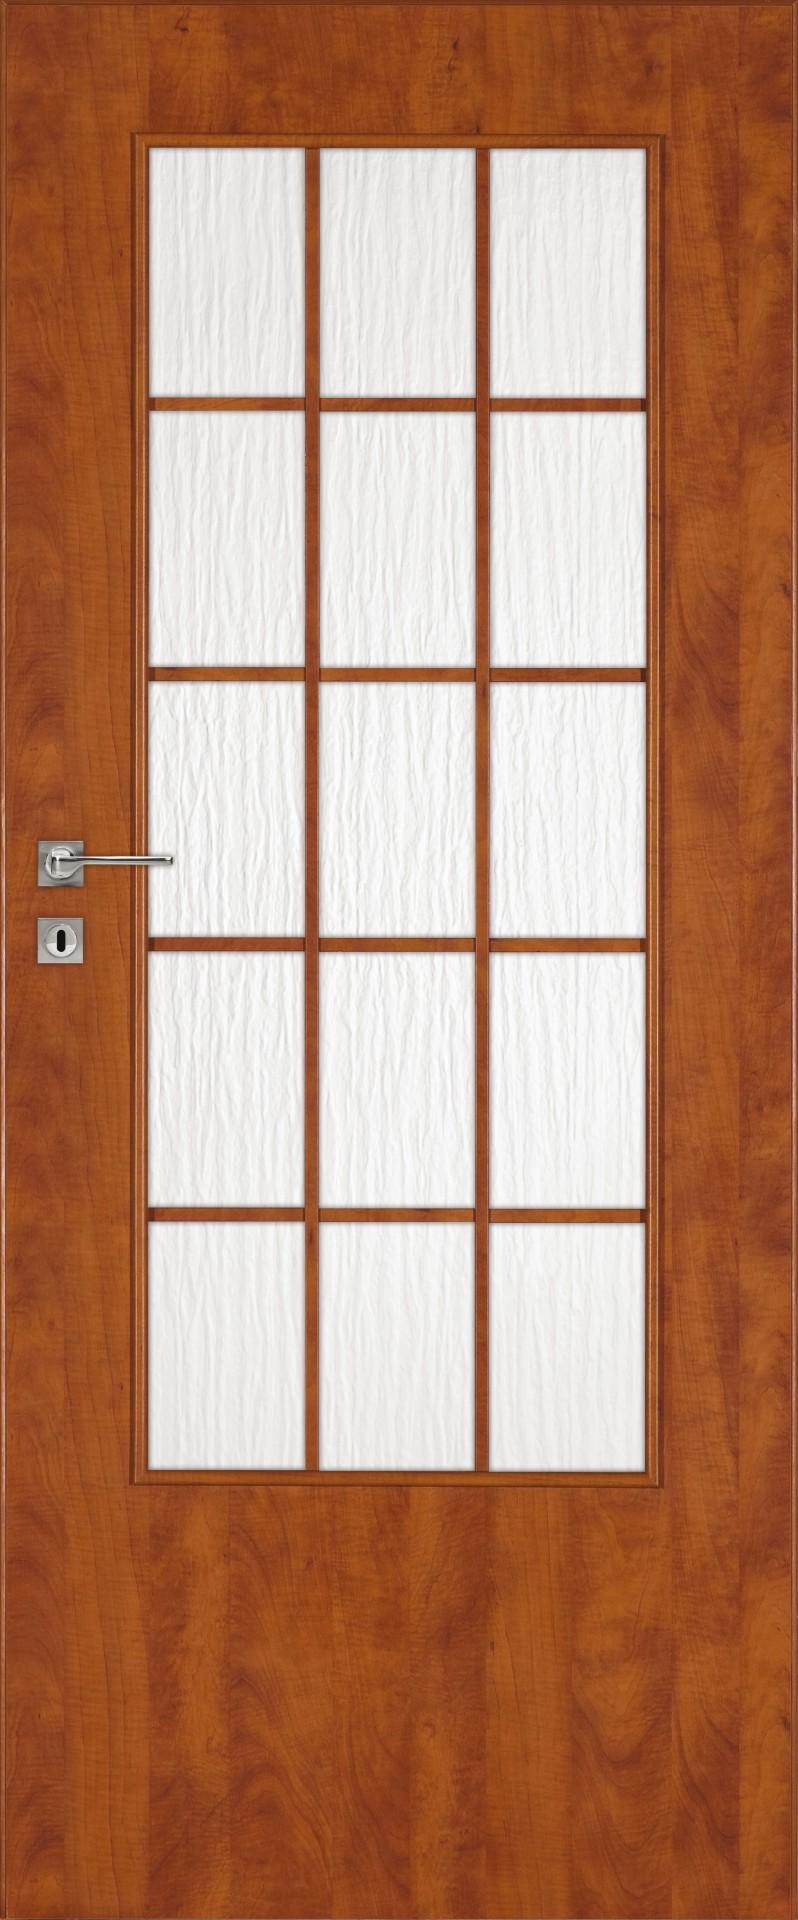 Dre dveře Standard 30s, Šíře v cm 70